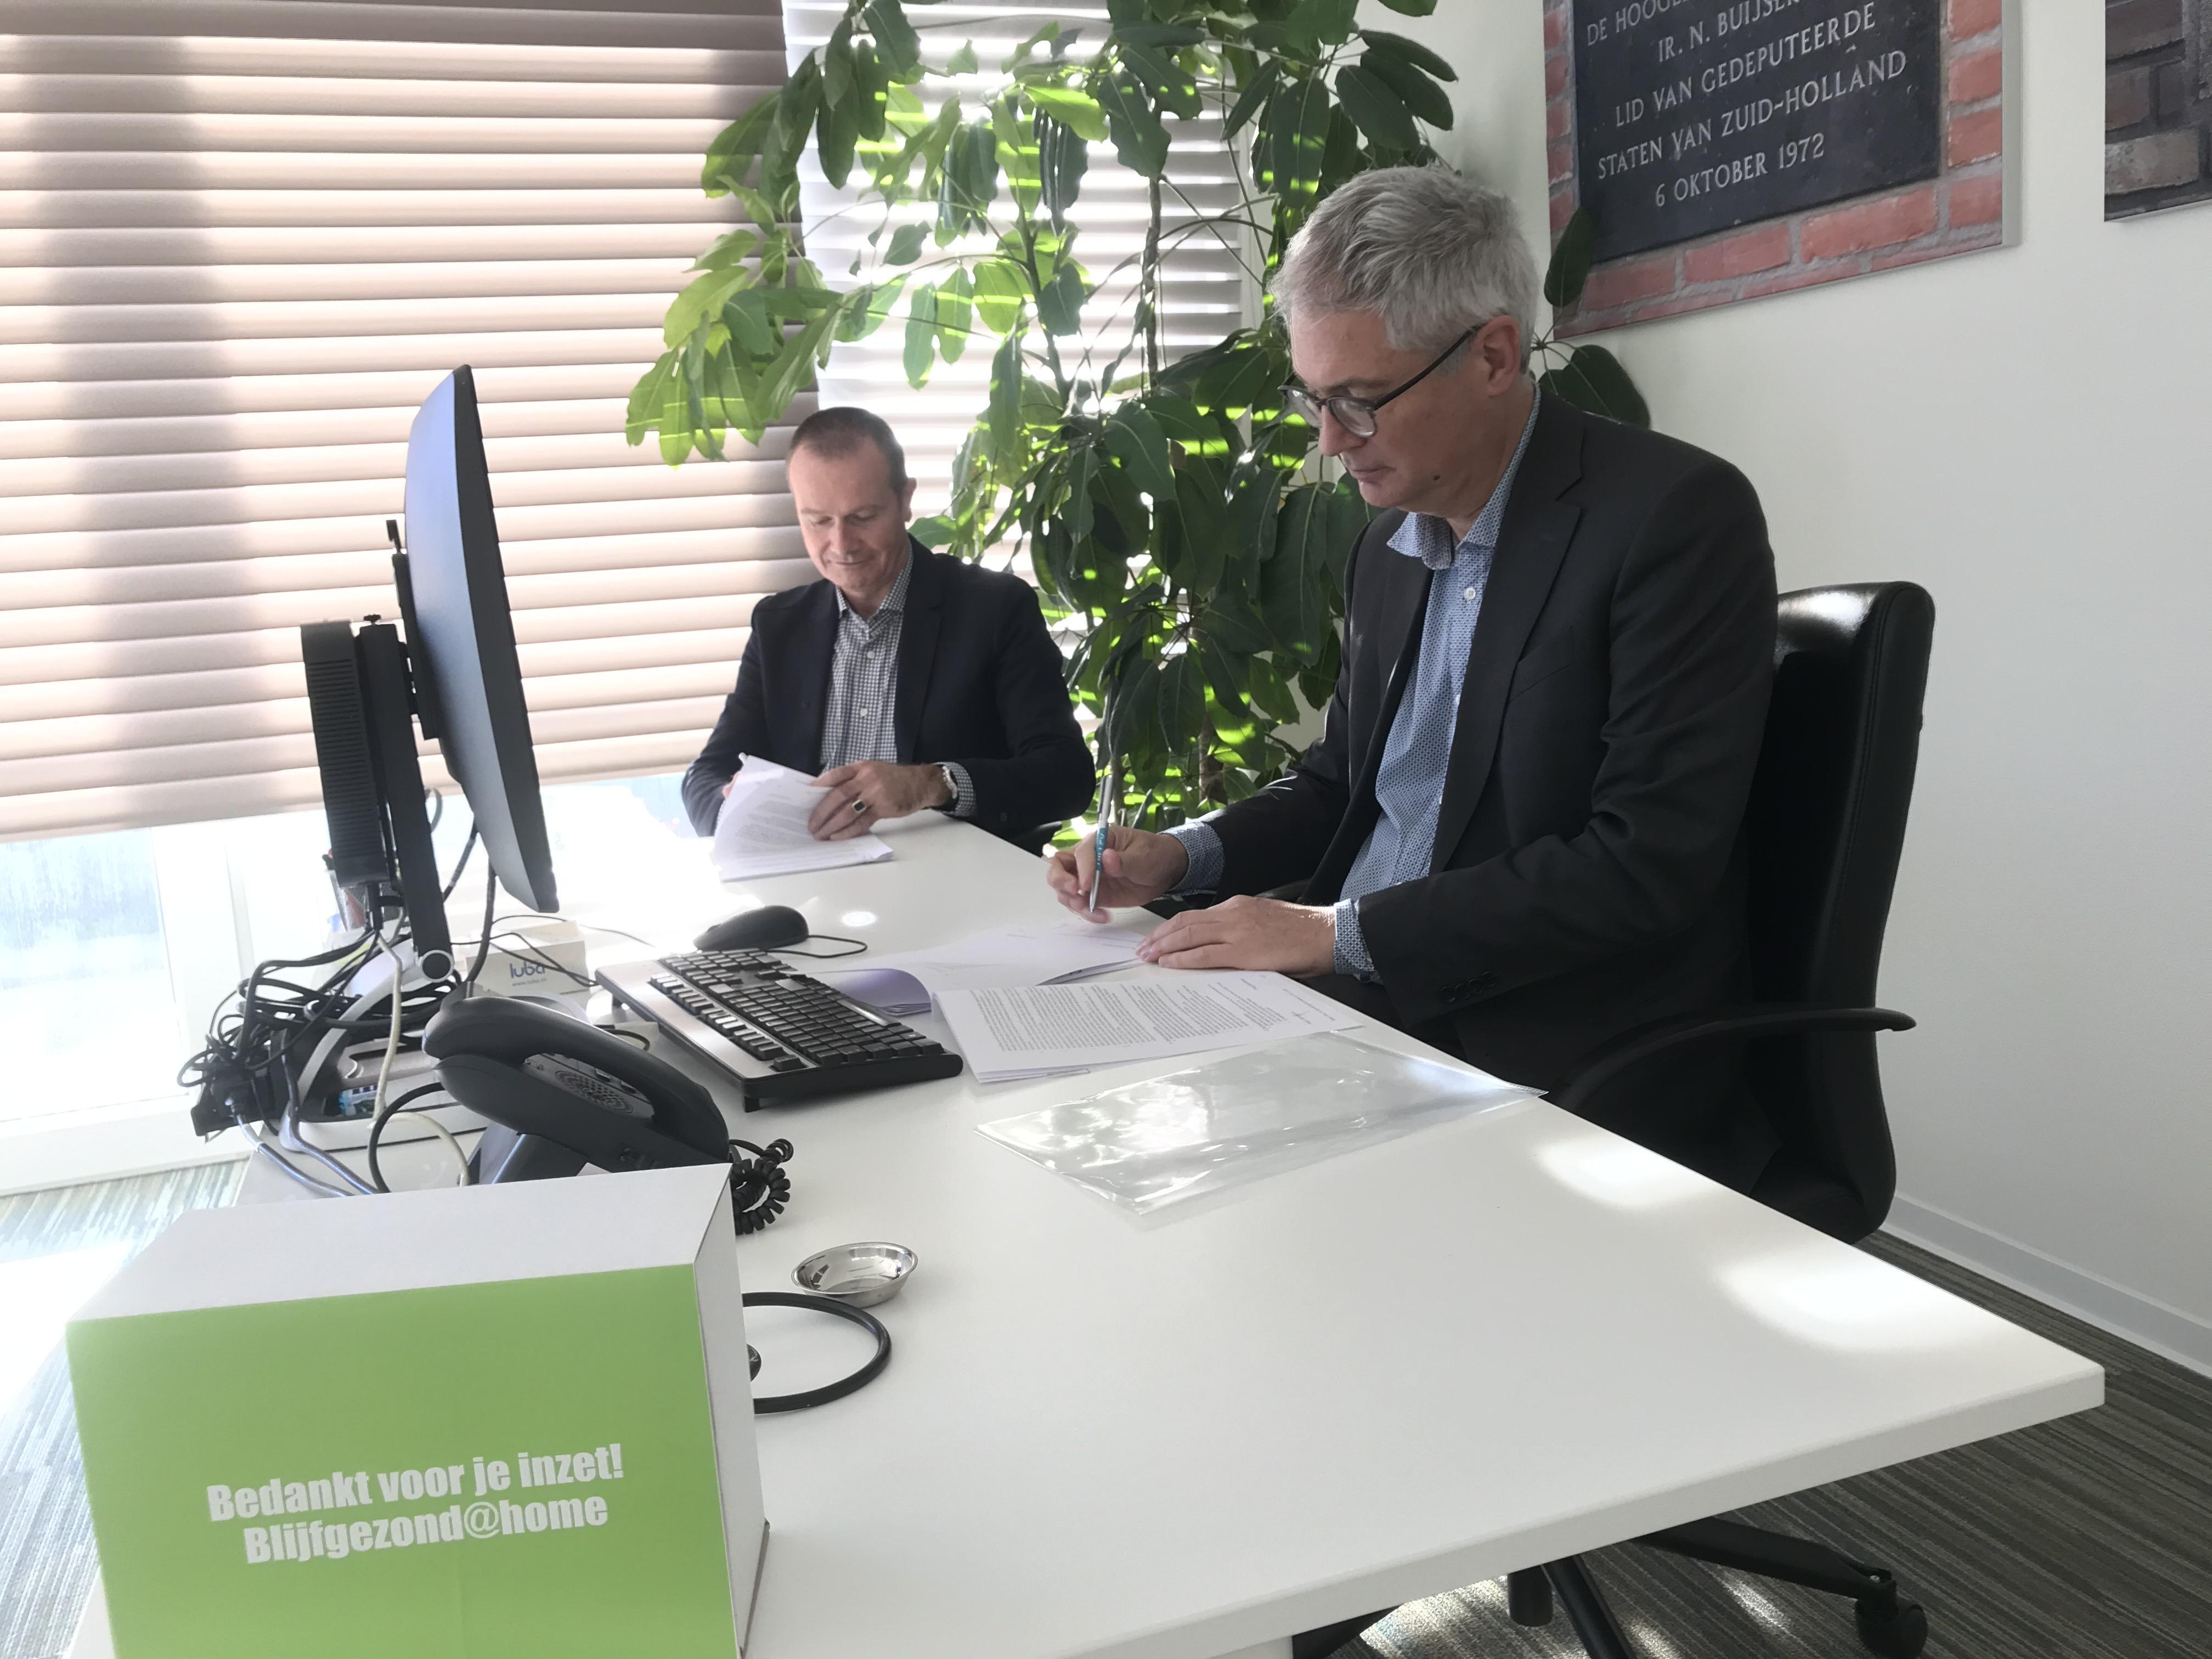 Doorstroming in Kaag en Braassem krijgt een nieuwe impuls door veertig sociale appartementen in Braassemerland